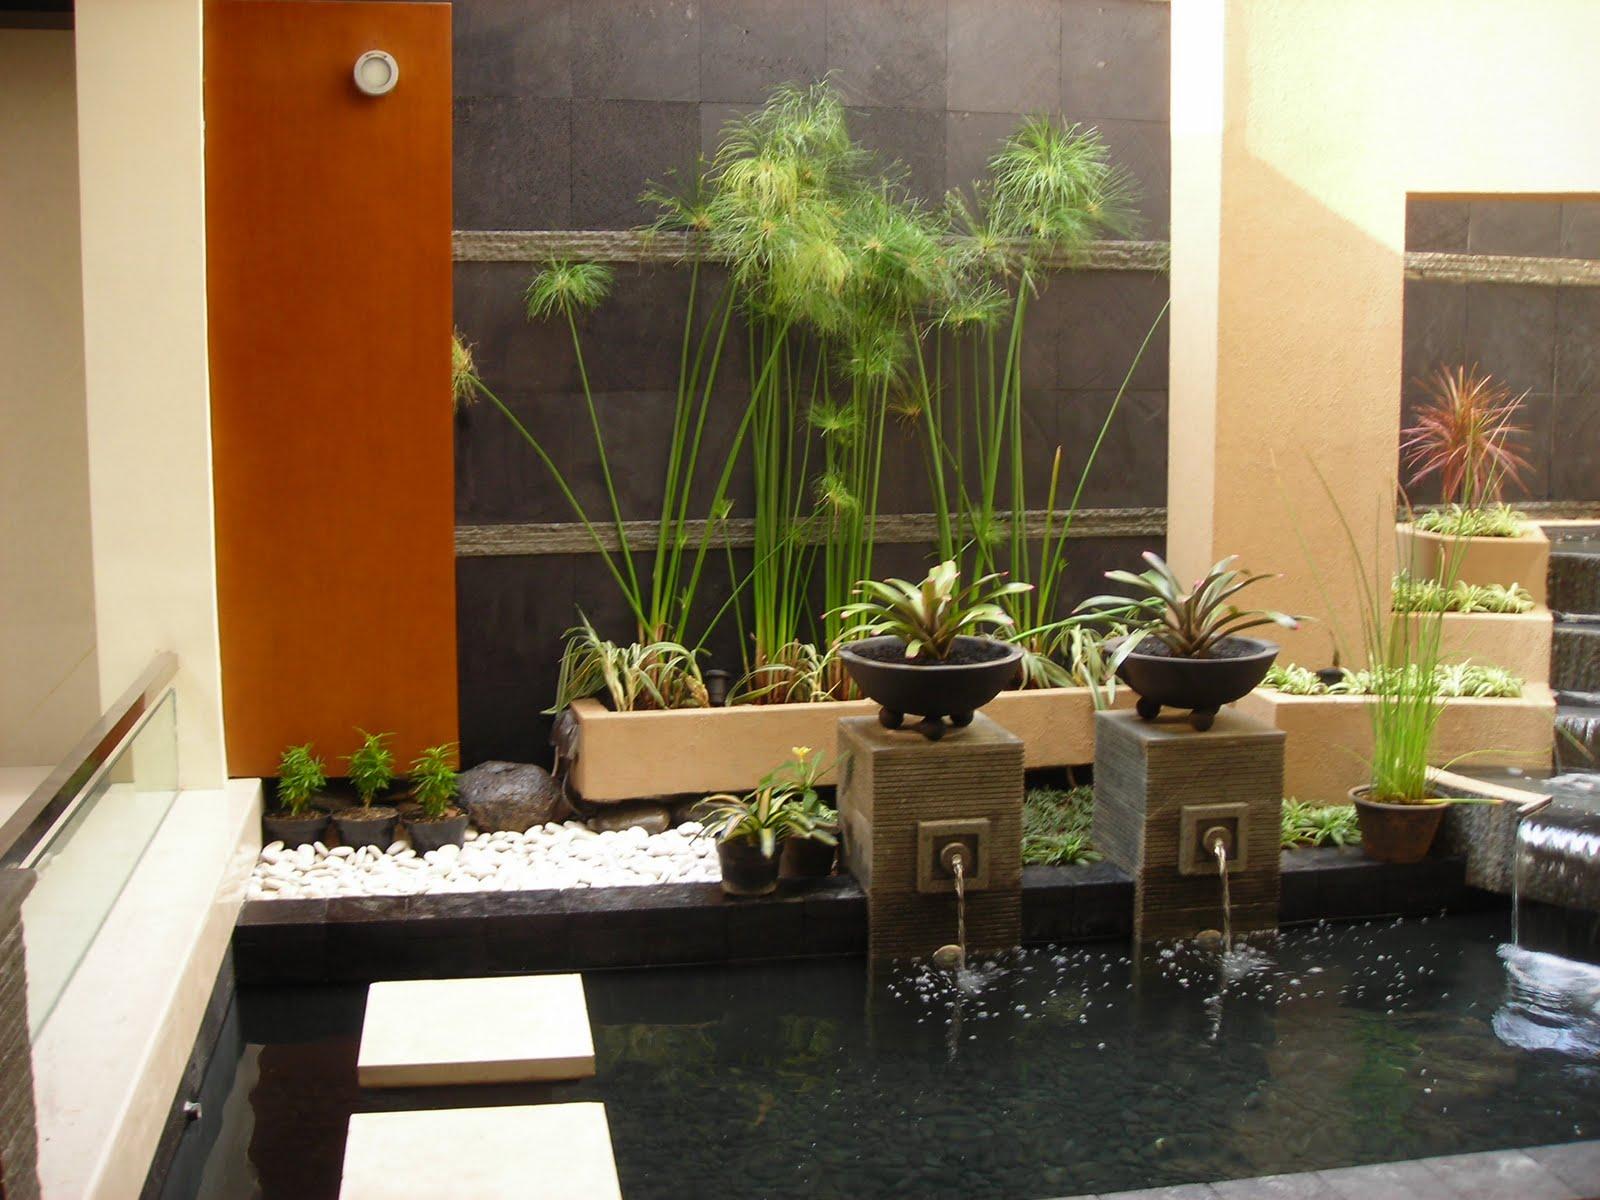 desain taman dalam rumah itu bagus karena bisa memperlancar sirkulasi